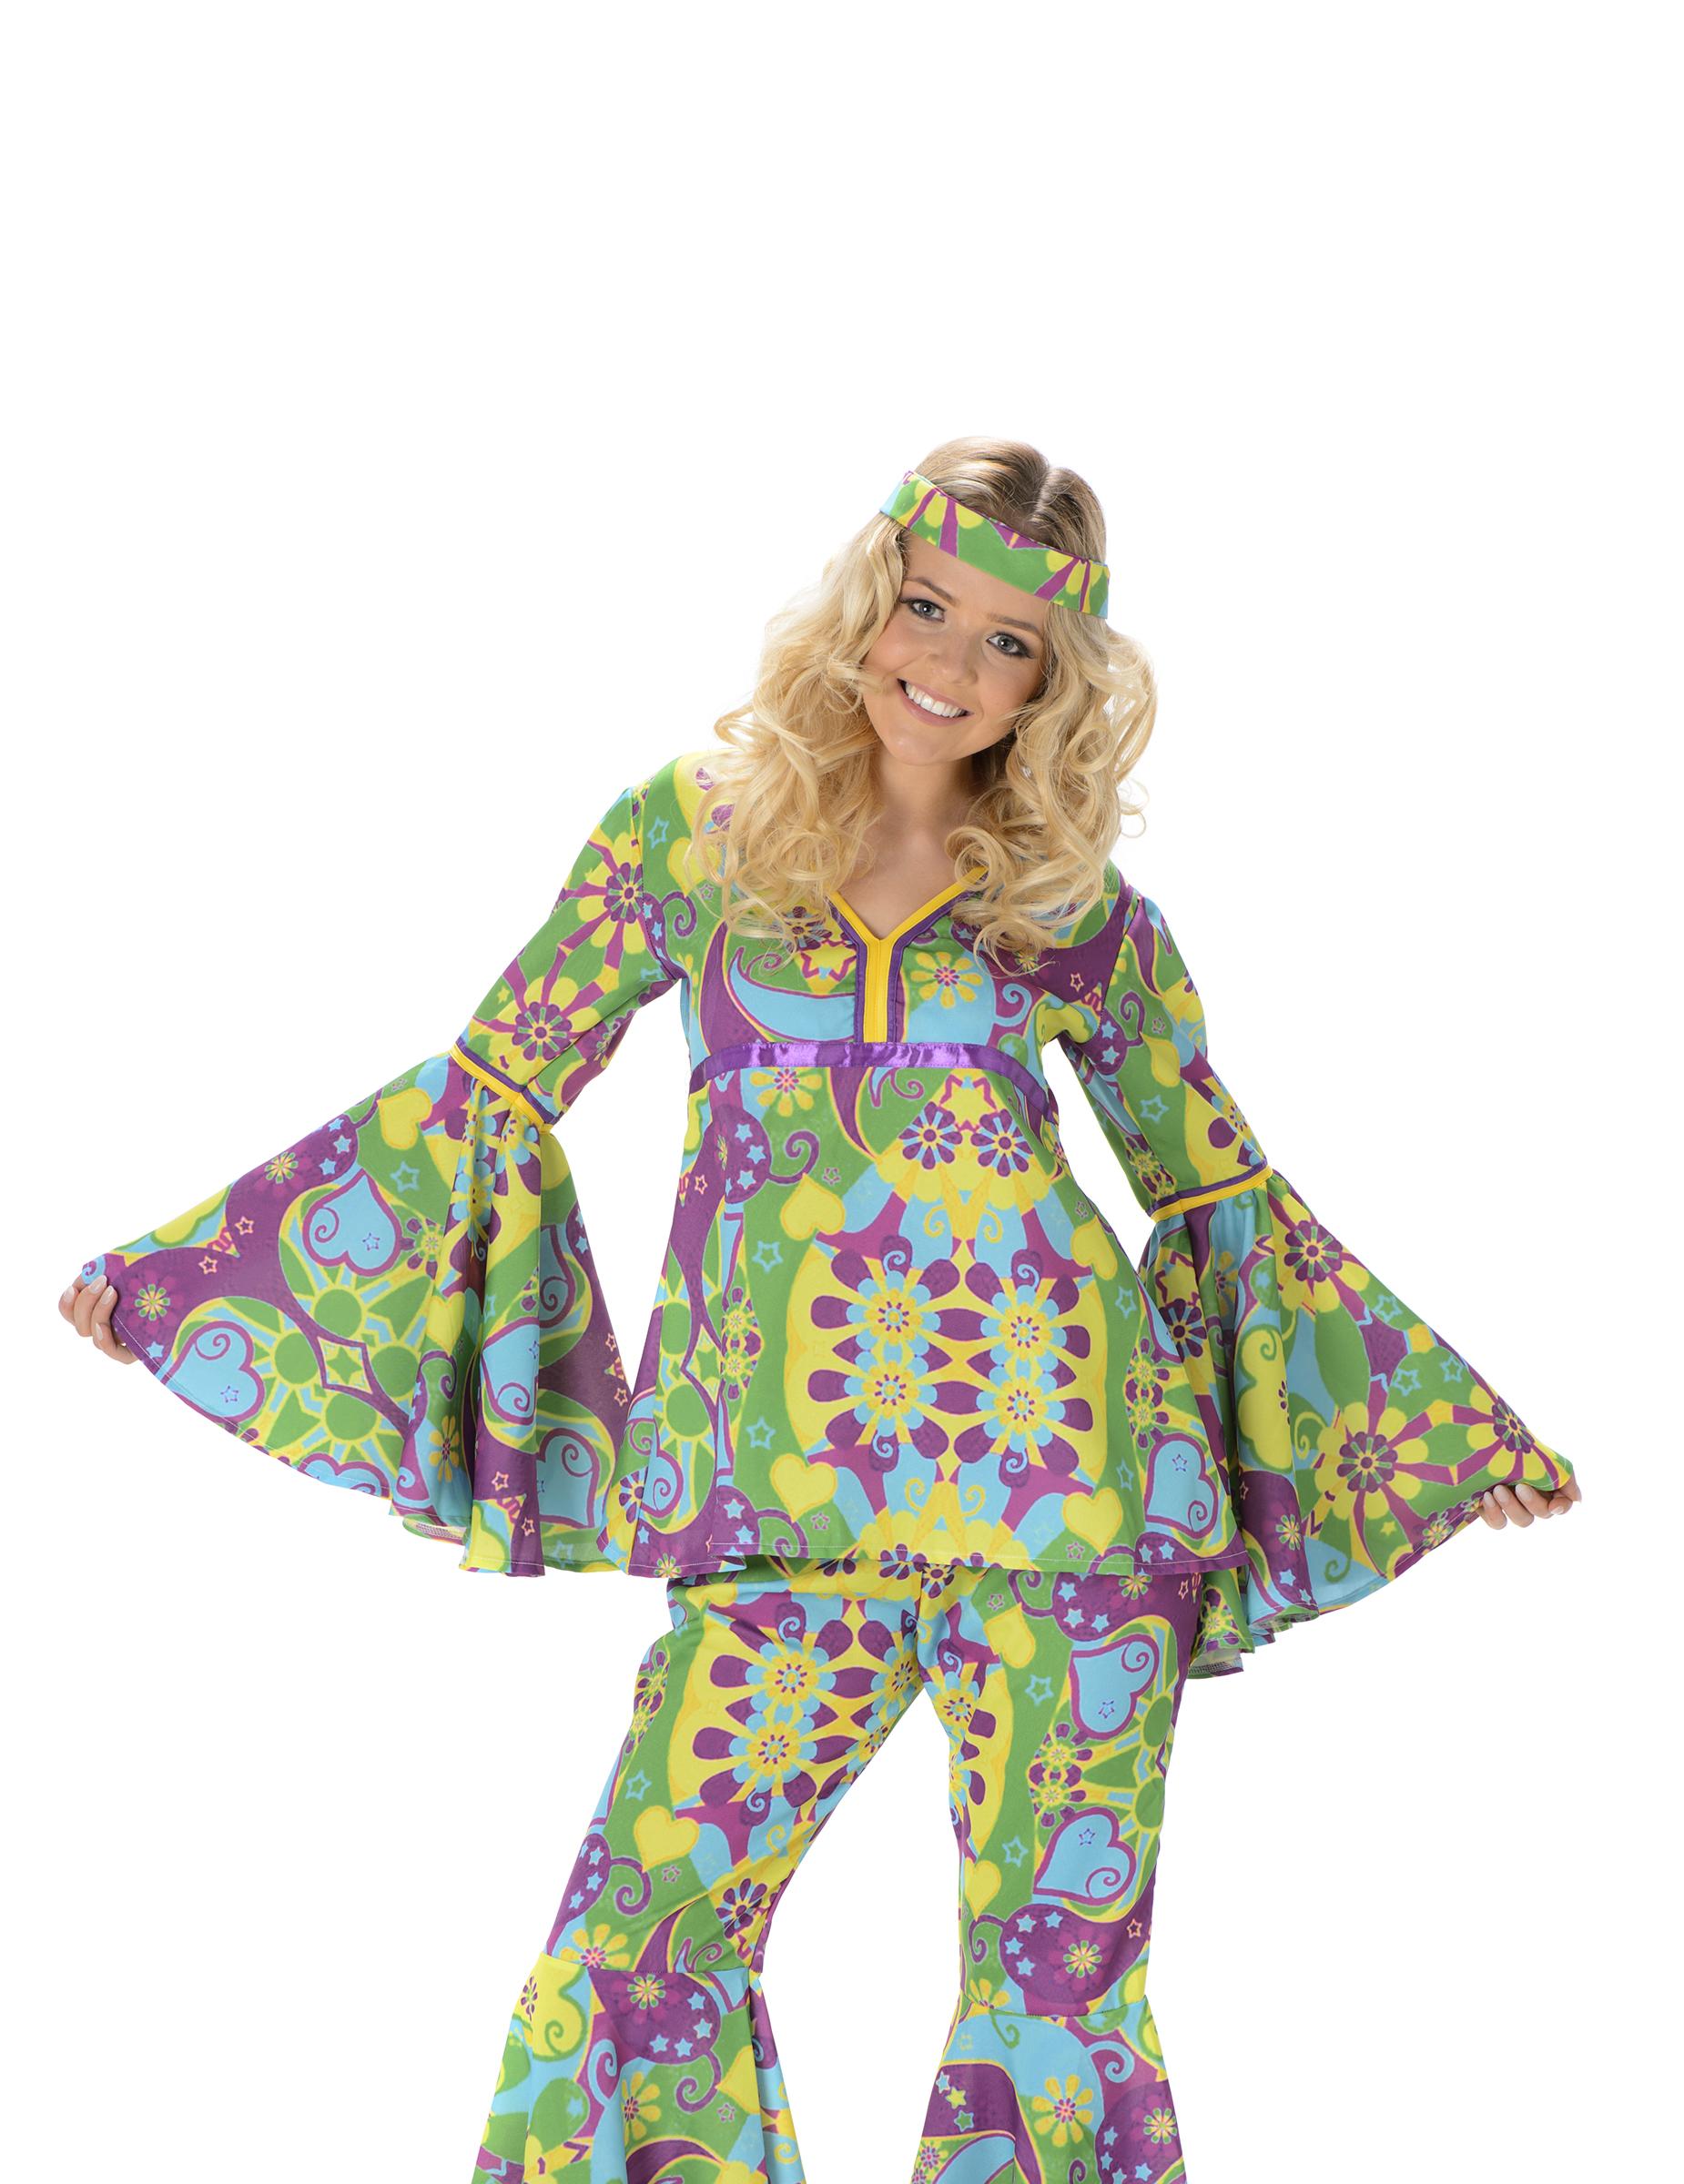 Déguisement hippie fleurs femme   Deguise-toi, achat de Déguisements ... c0eebeeb3a61